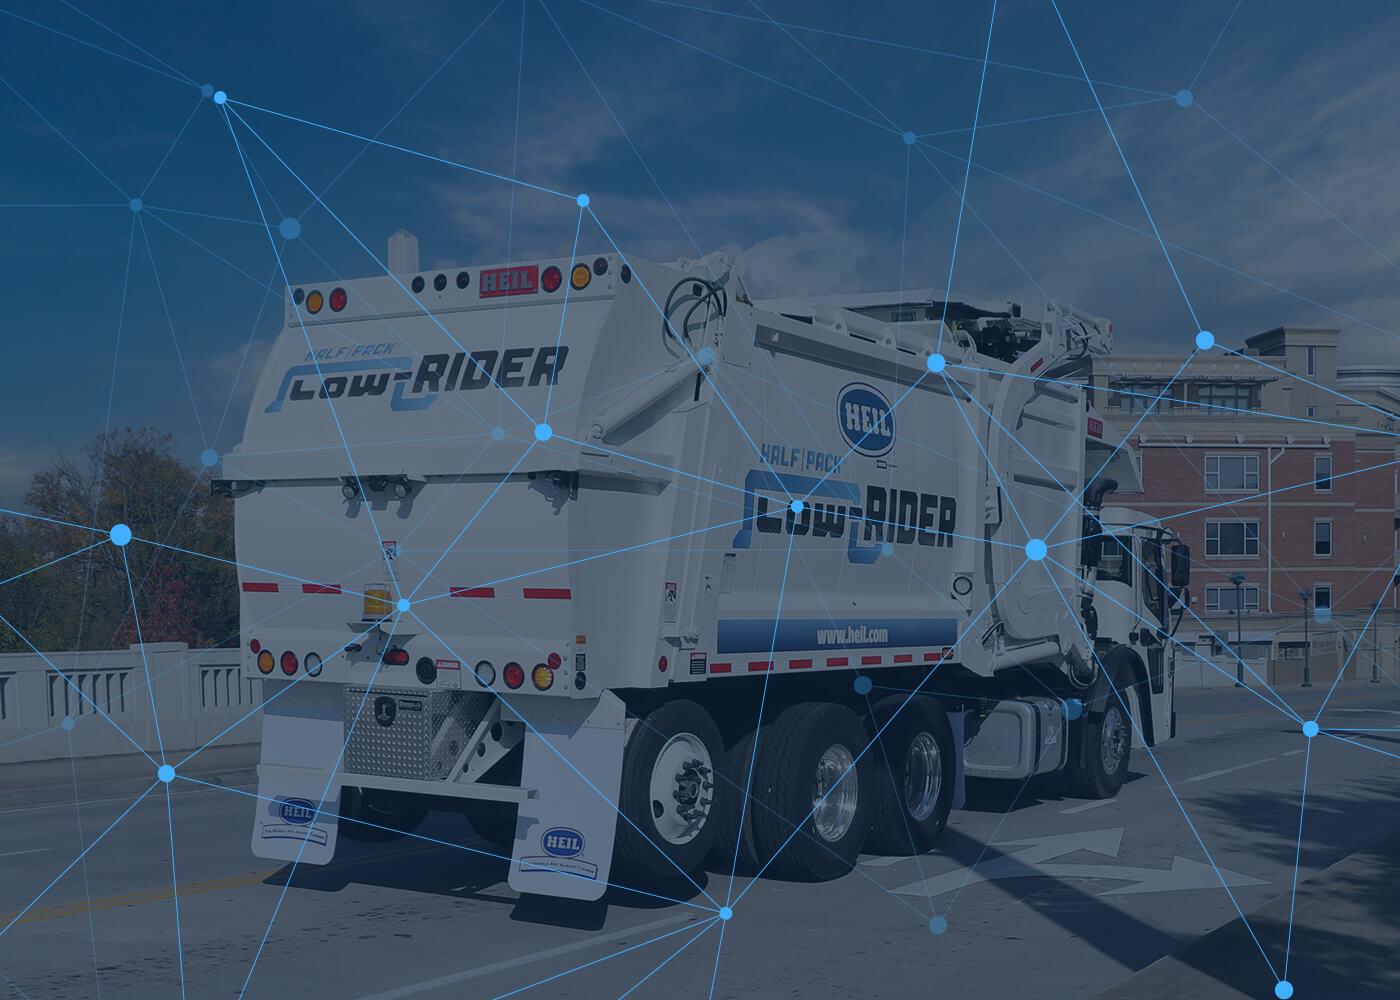 Garbage Truck Fleet Management Technology